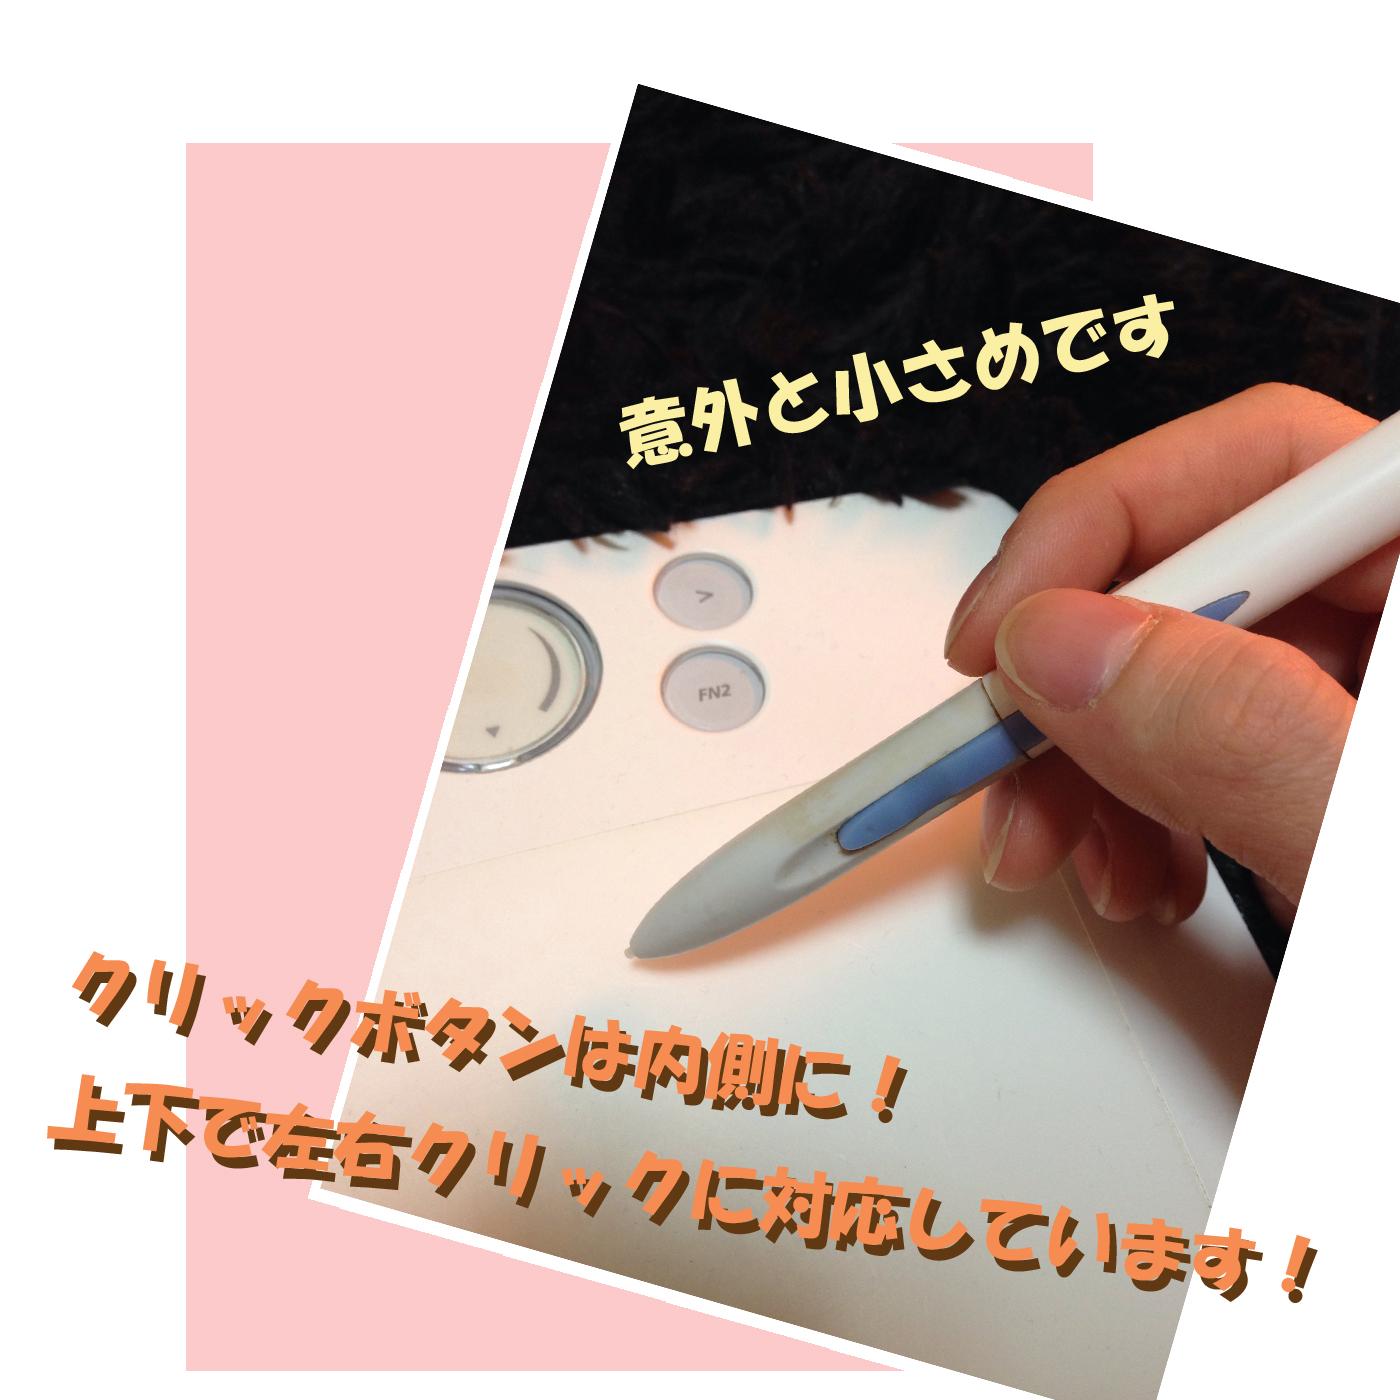 ペンタブ紹介2